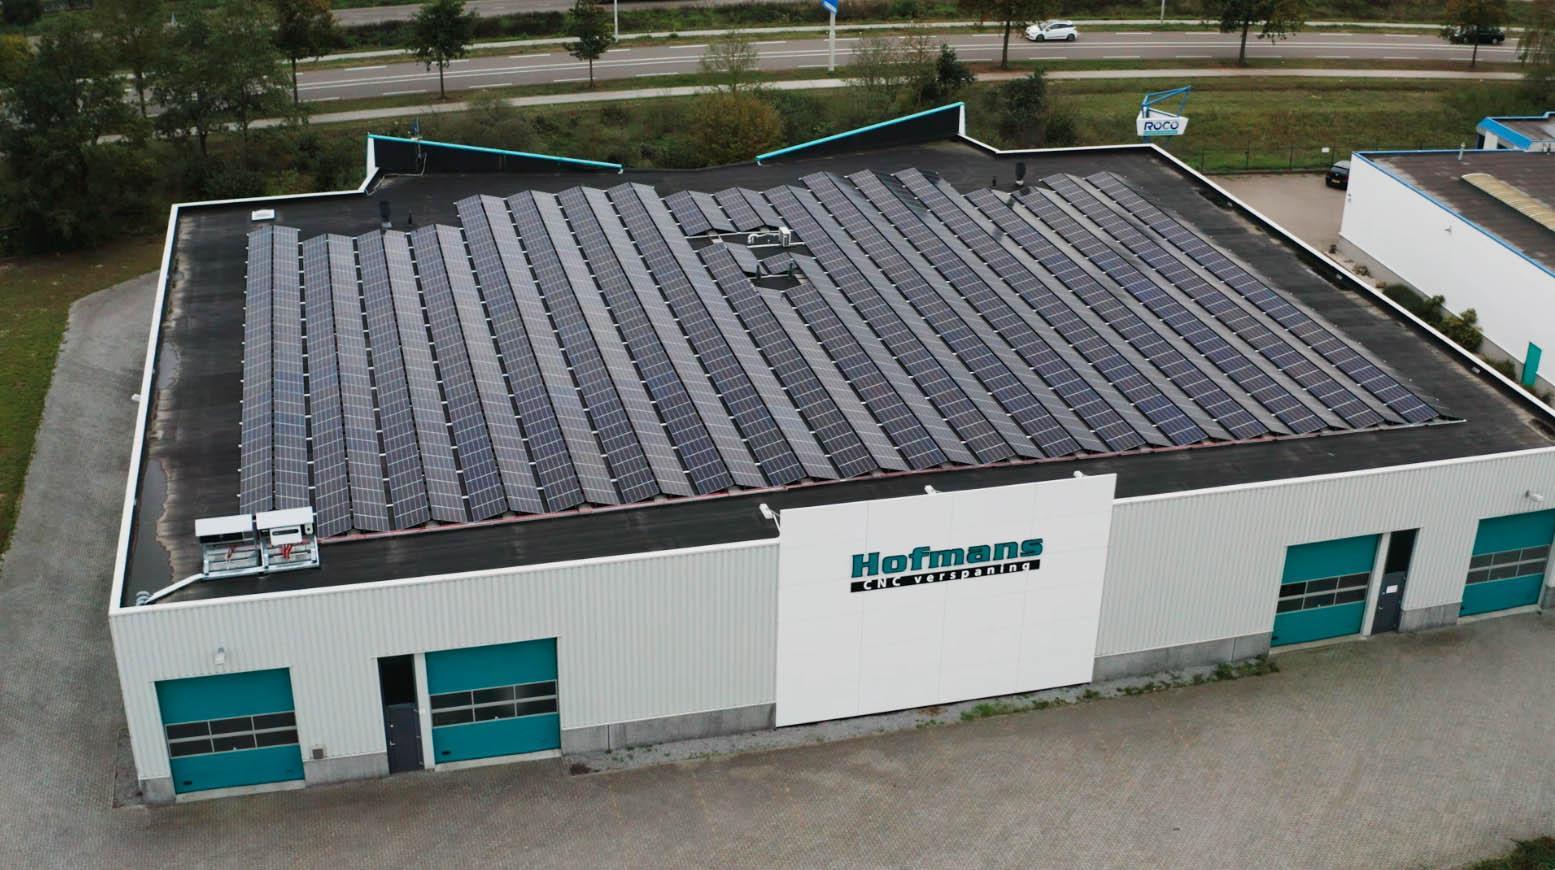 Hofmans2